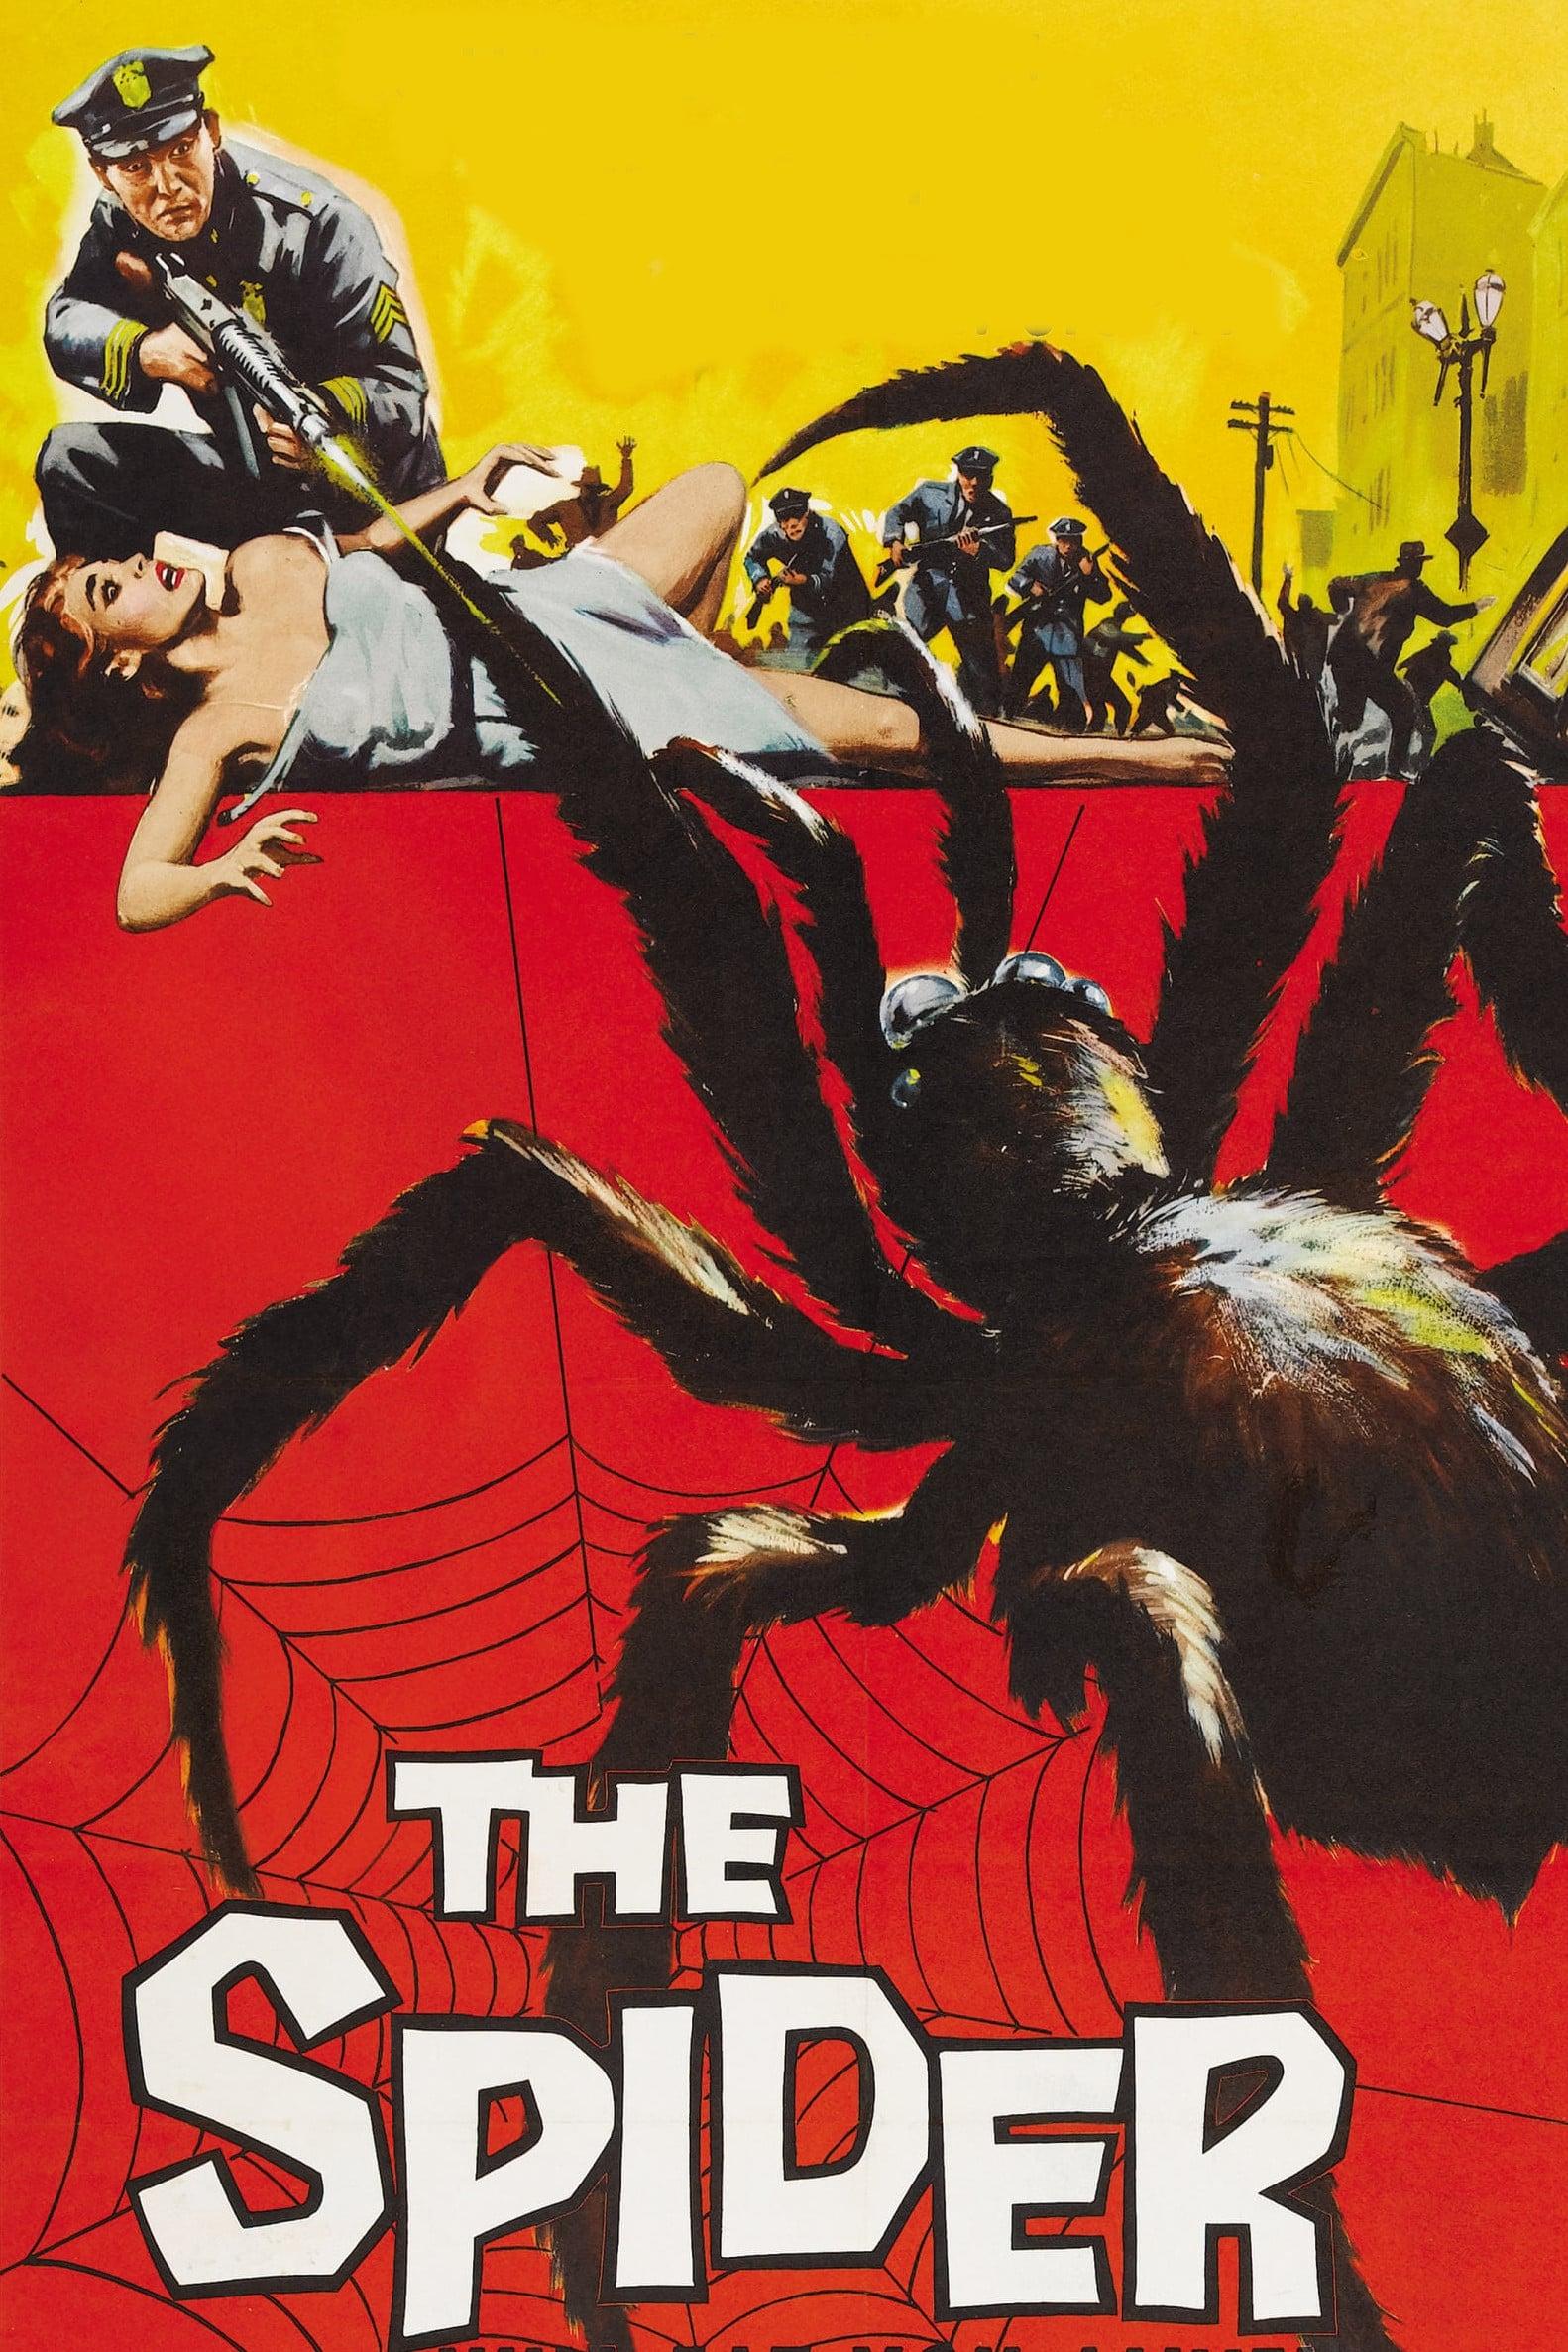 Earth vs. the Spider